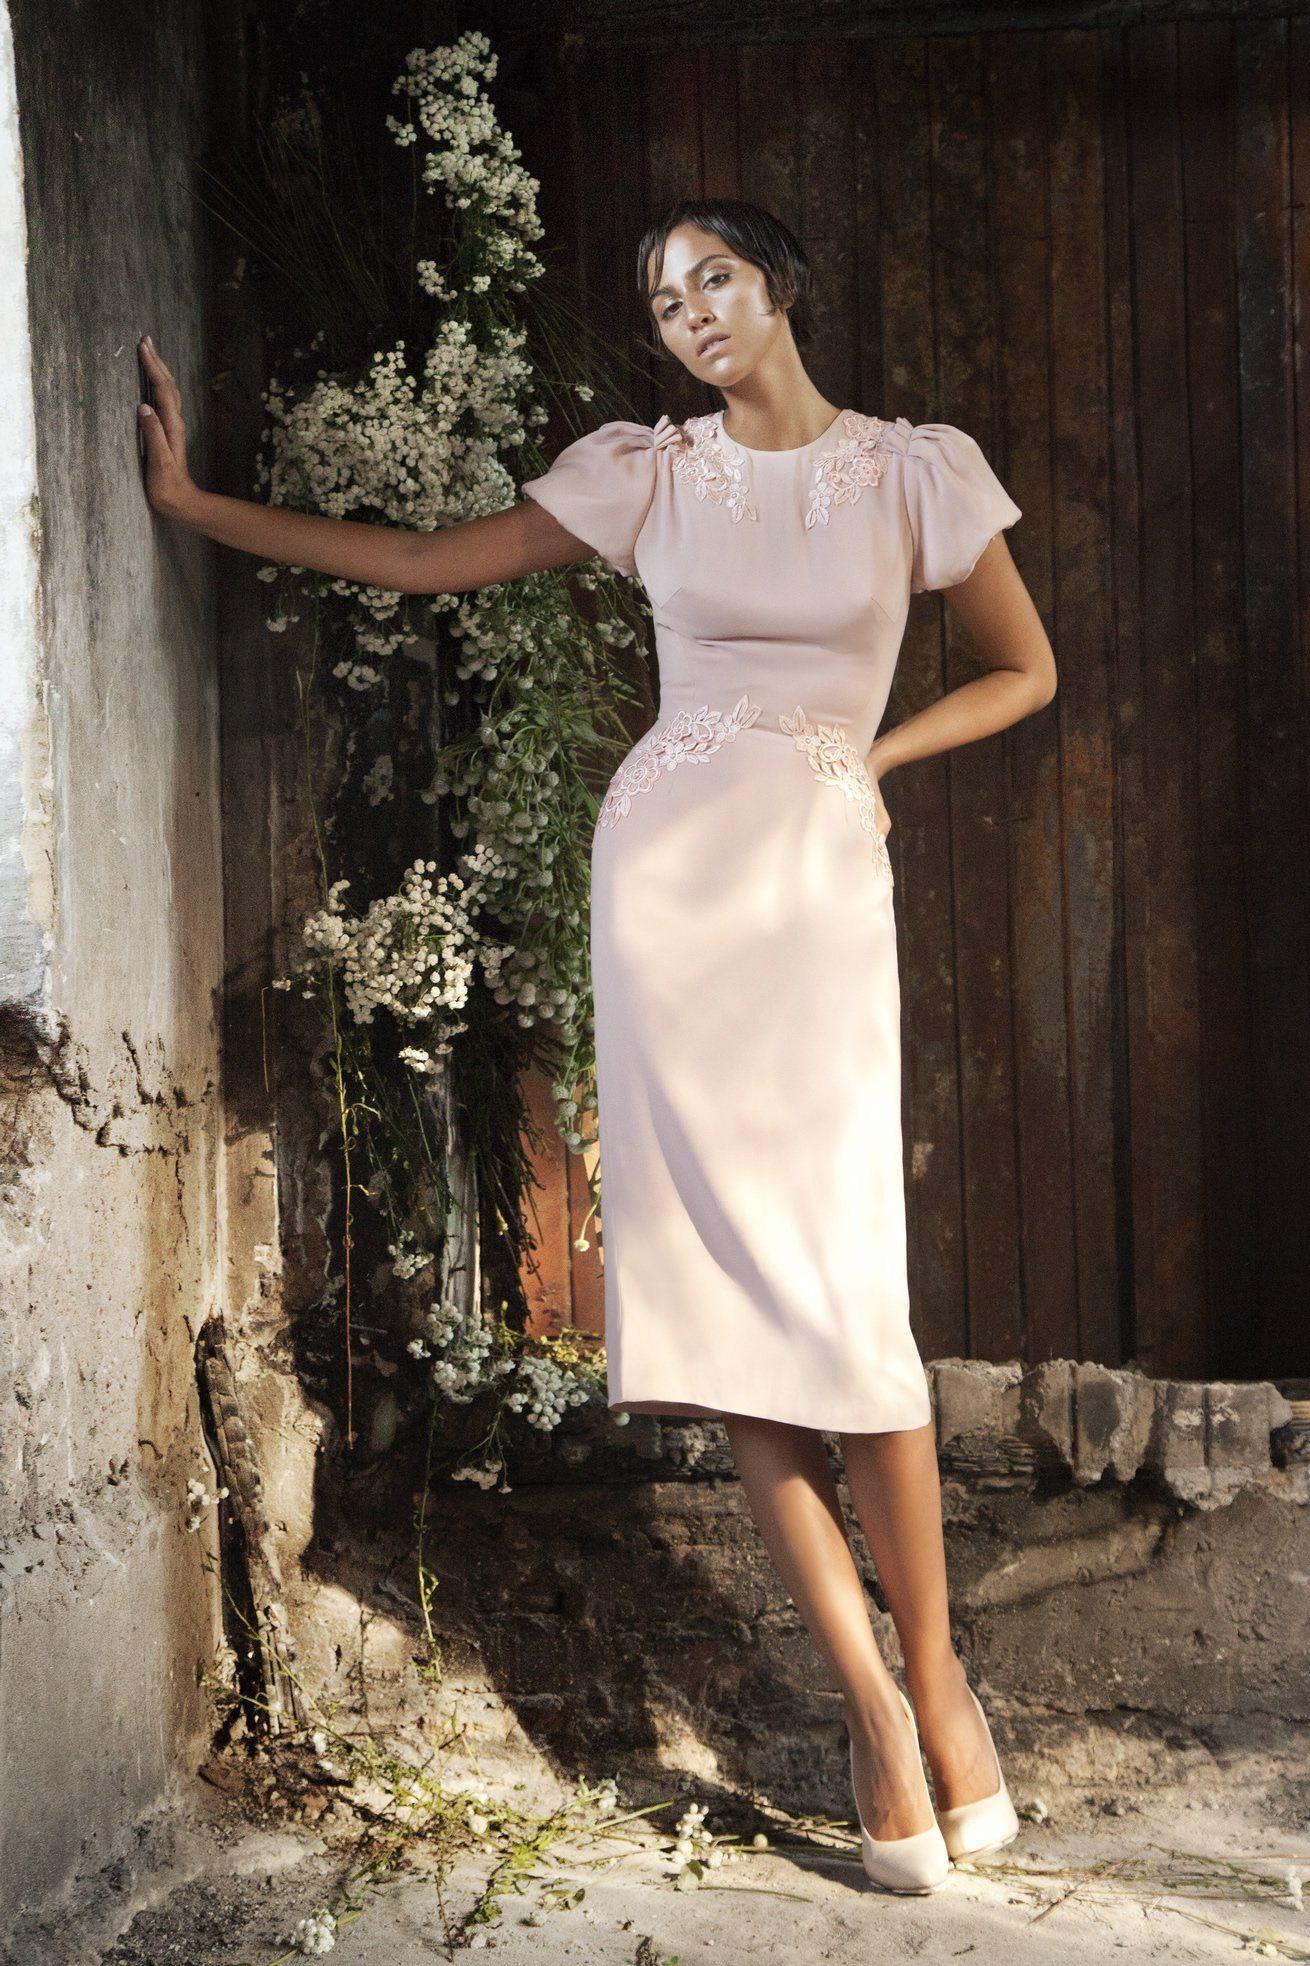 d8a00085479 Вечерние и коктейльные нарядные платья недорого. Самые красивые женские  платья